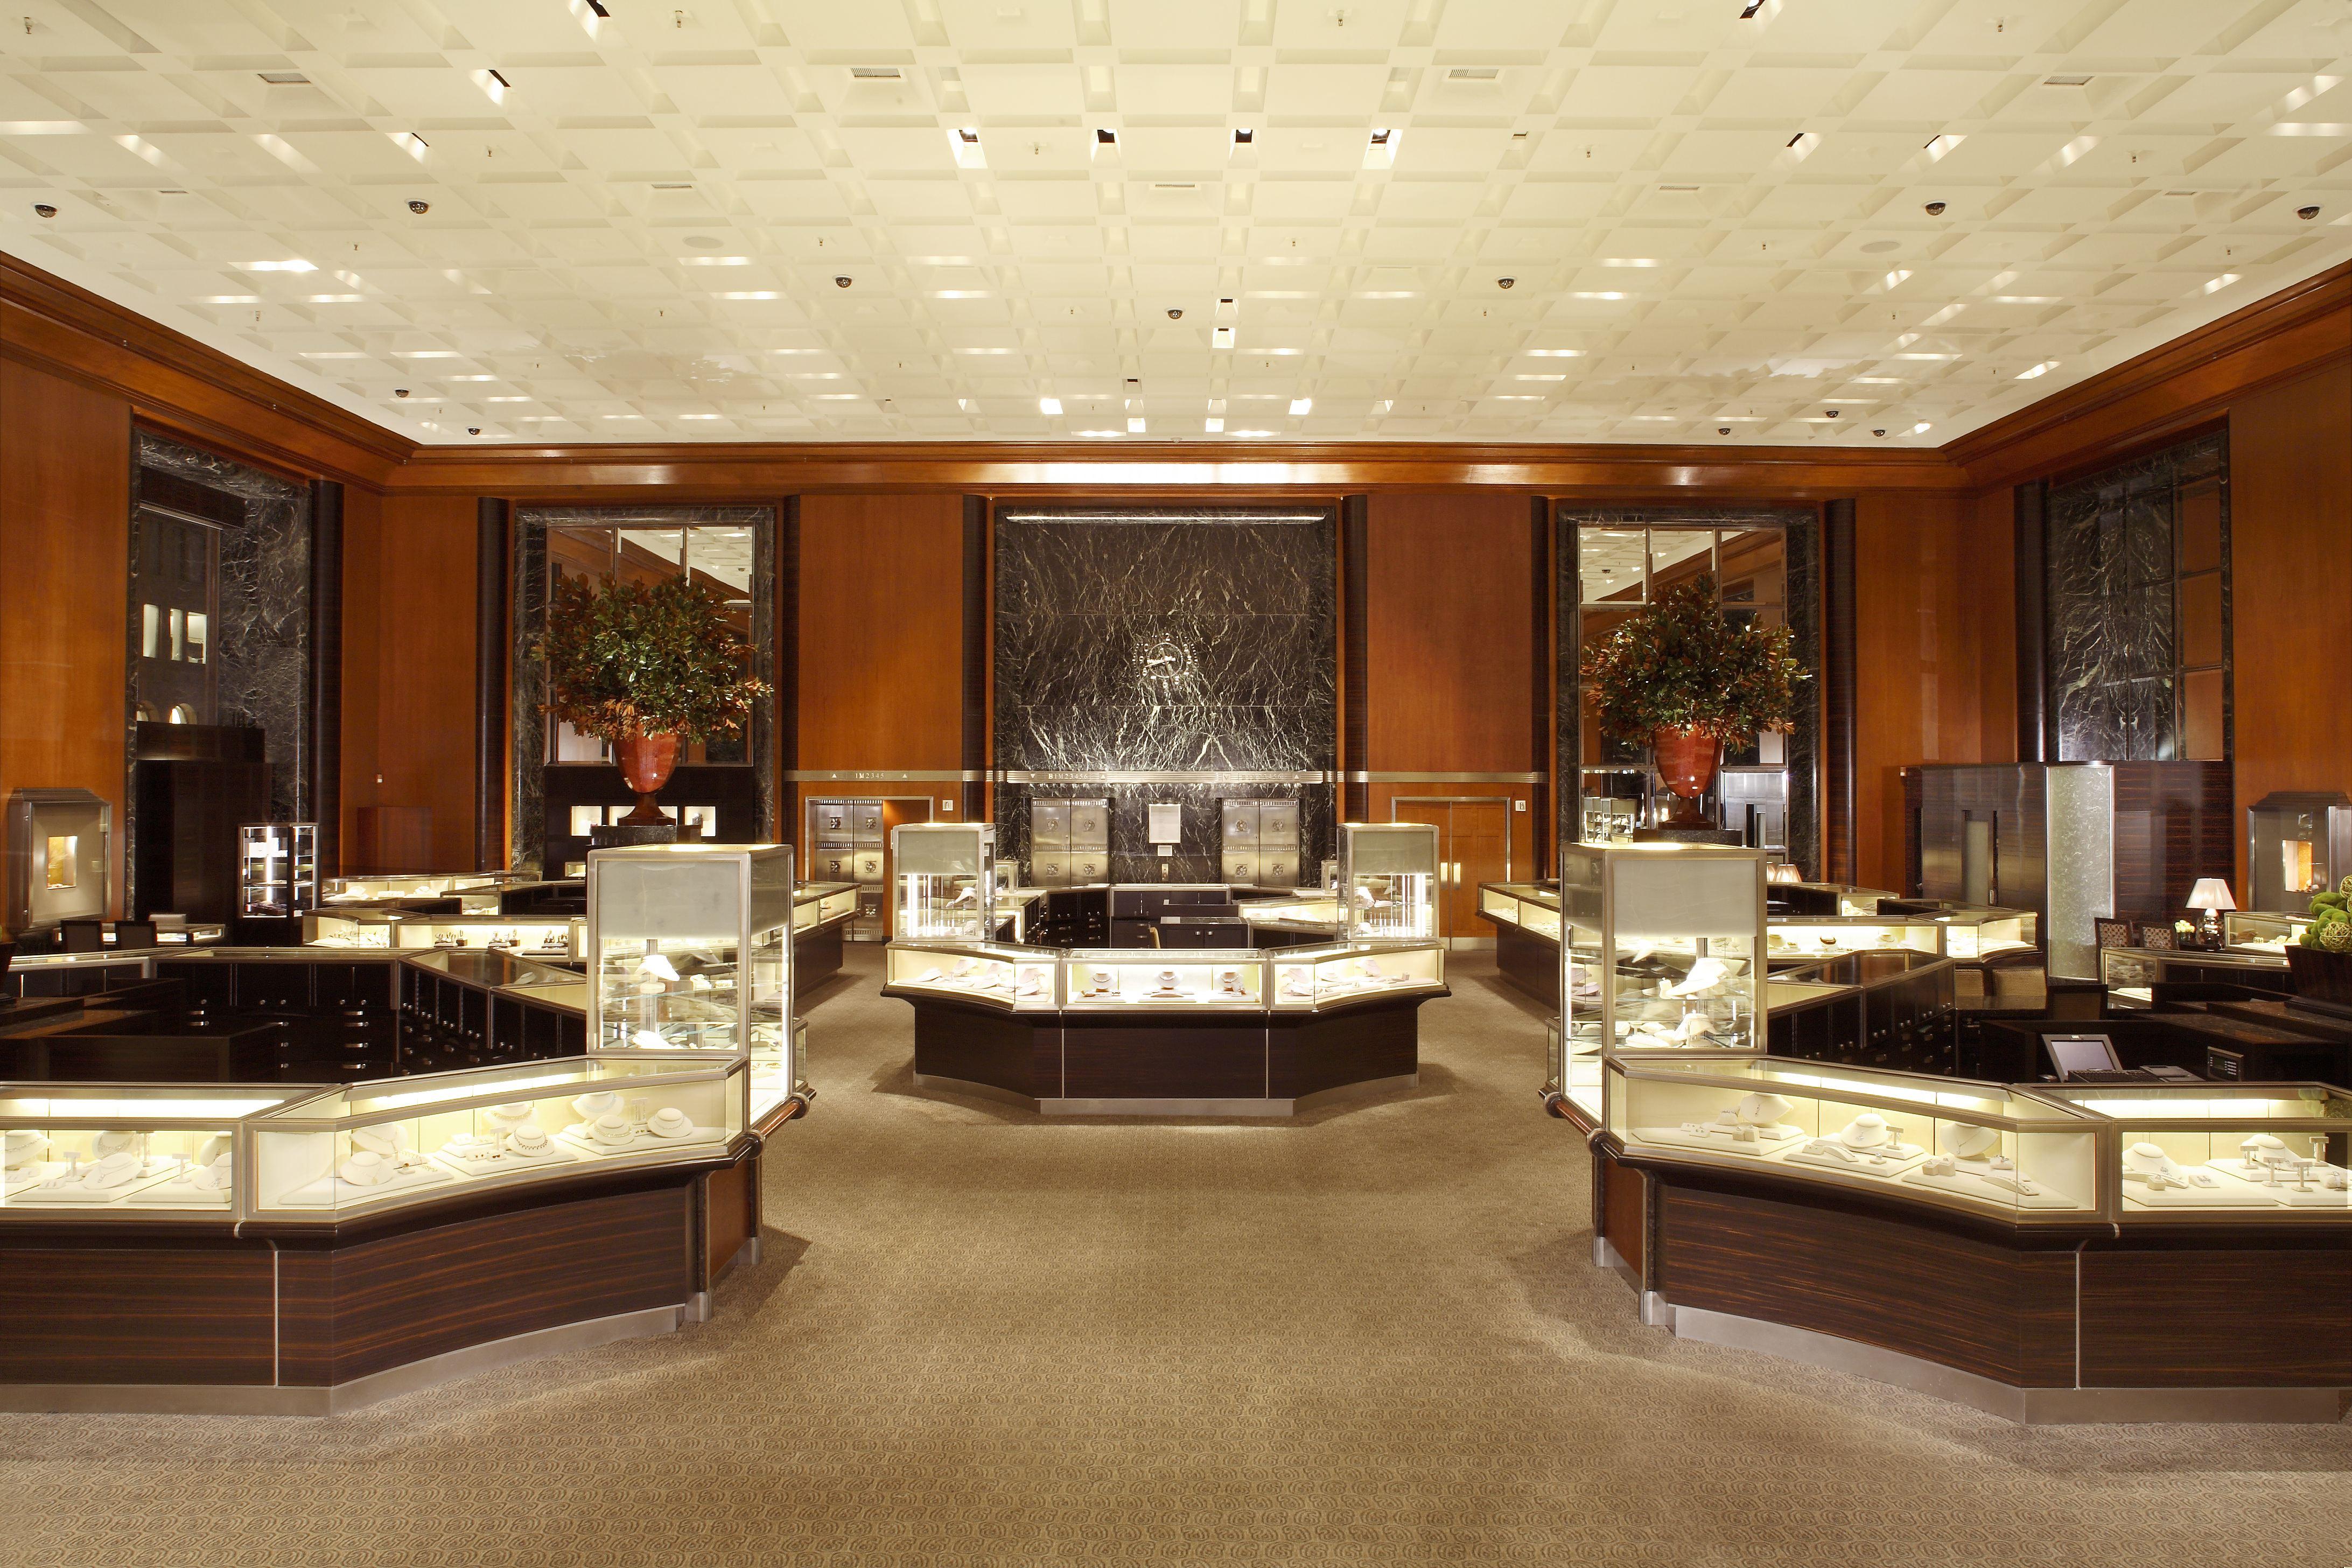 Fifth Avenue Main Floor Ny By Brian Guze At Coroflot Com